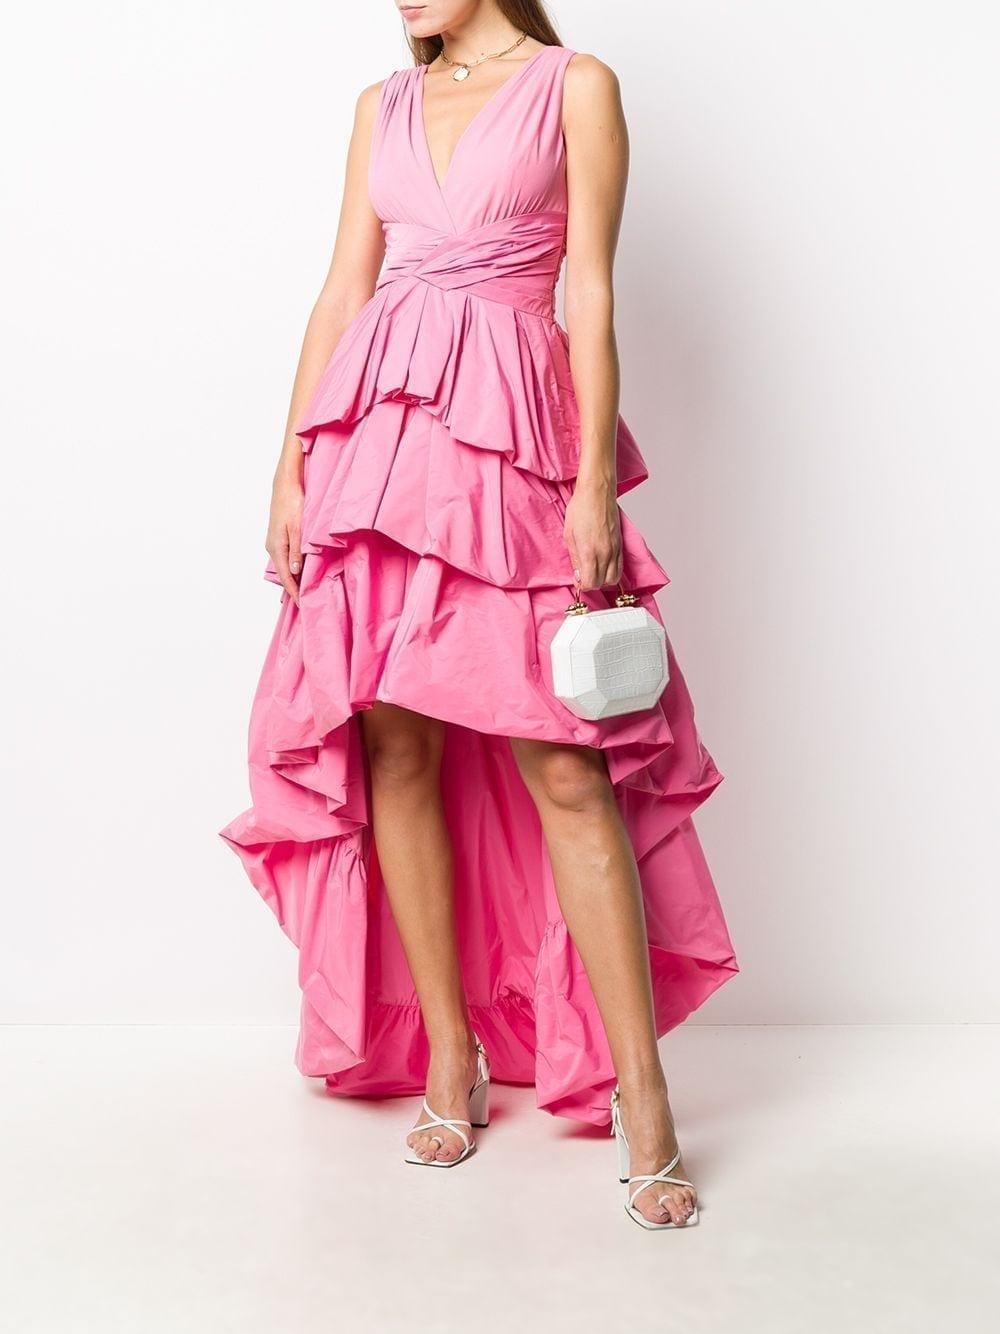 PAULE KA Ruffled High Low Dress